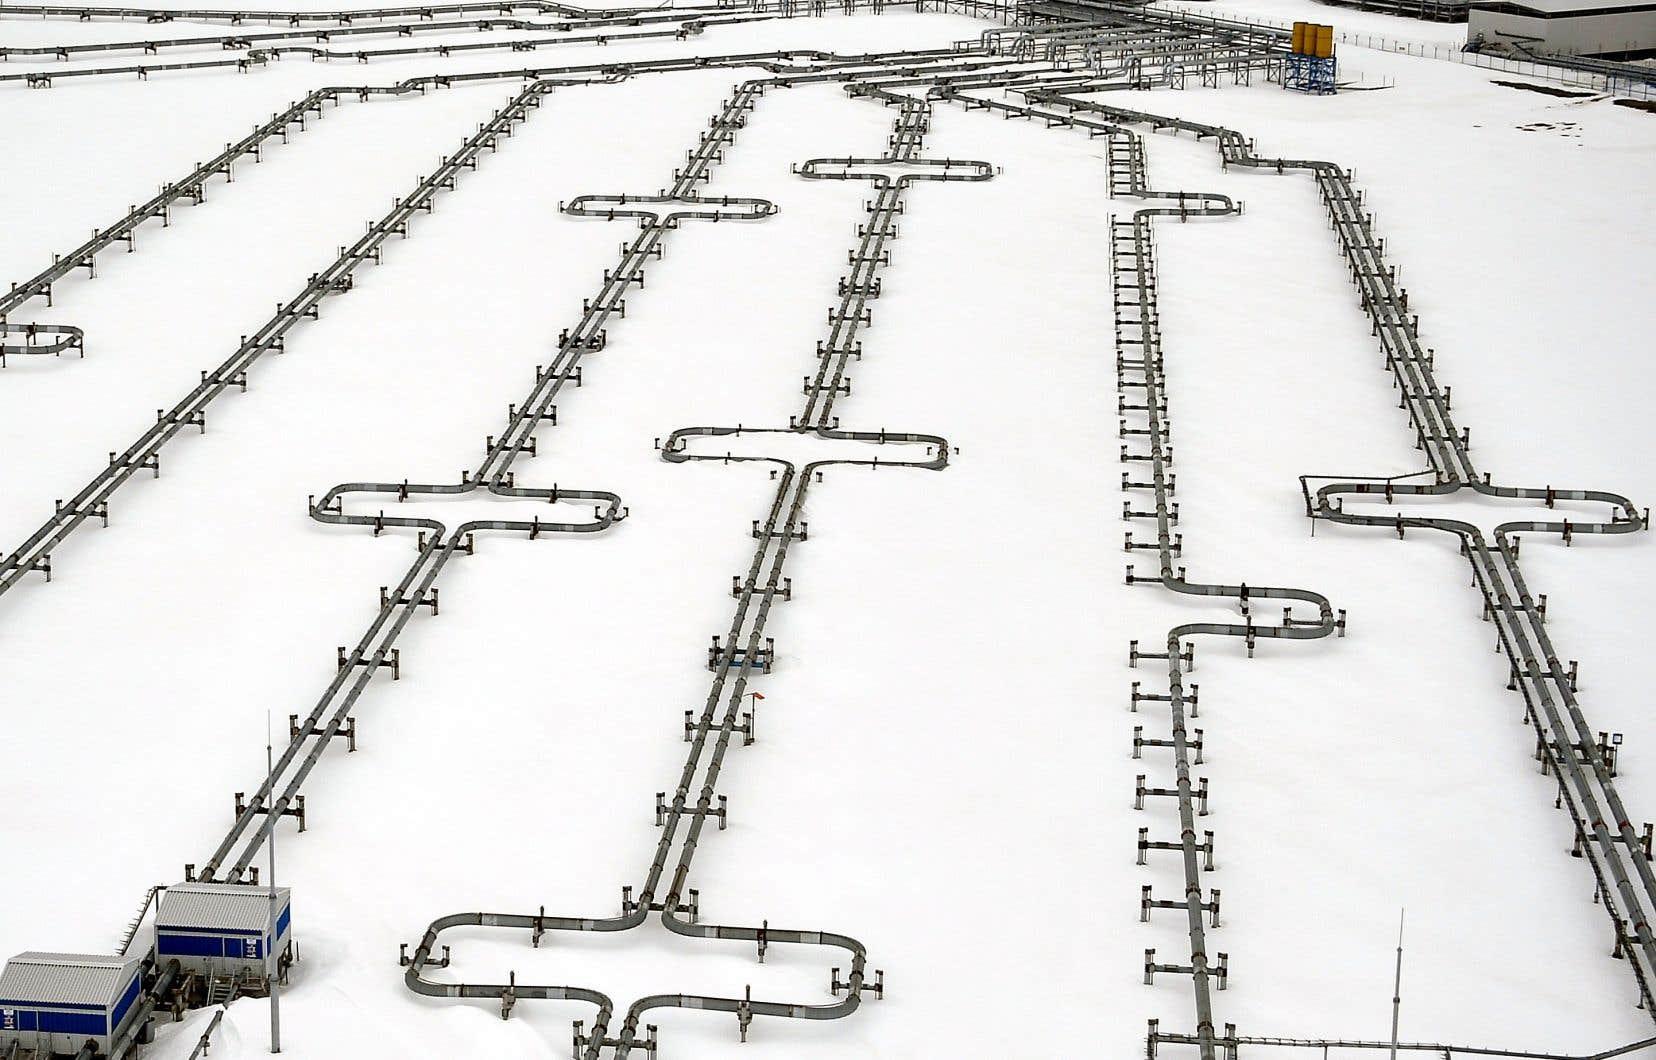 La Russie envisagerait une prolongation de l'accord en vigueur, mais pas de nouvelles réductions. Sur cette photo, des oléoducs mènent au gisement pétrolier de Bovanenkovo, dans le nord-ouest de la Sibérie.